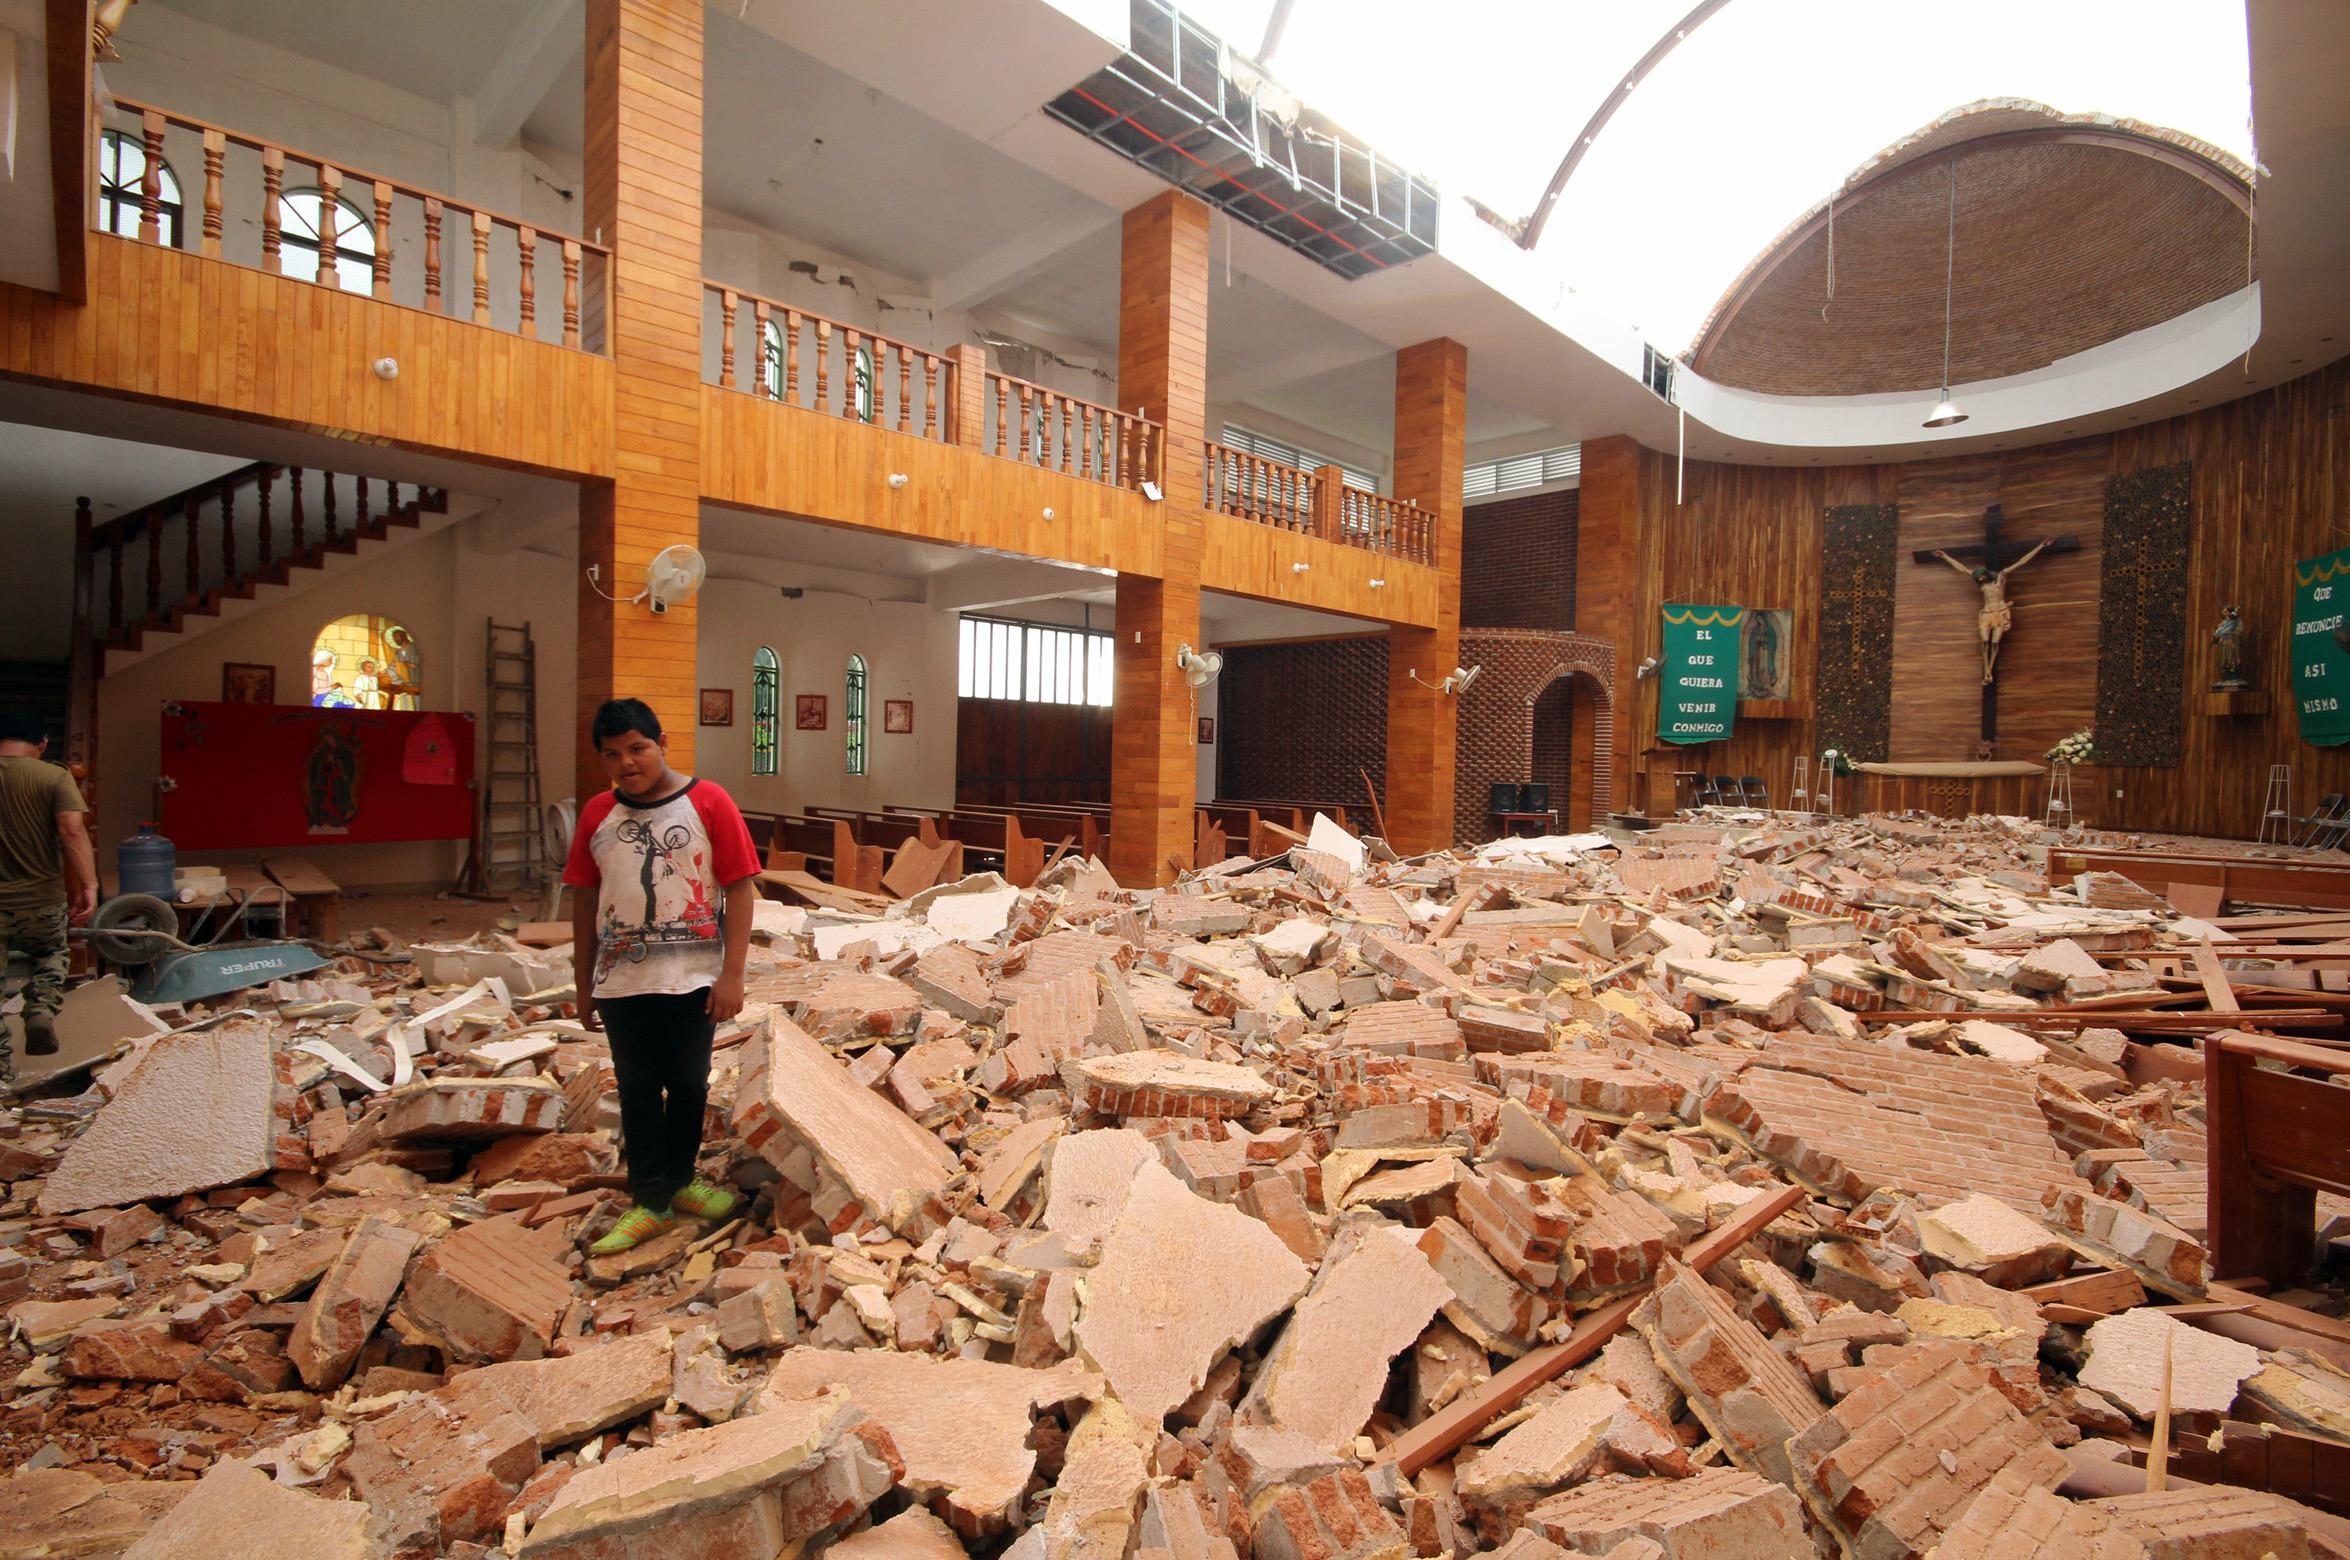 (170911) -- CHIAPAS, septiembre 11, 2017 (Xinhua) -- Imagen del 8 de septiembre de 2017, de un joven reaccionando dentro de una iglesia dañada por un sismo en Tonalá, estado de Chiapas, México. Al menos 61 personas murieron y decenas resultaron heridas en el sur de México por el sismo más potente registrado en el país en un siglo, de 8,2 grados, causando daños mayores a empobrecidos poblados, informaron las autoridades. (Xinhua/Str) (da) (rtg)